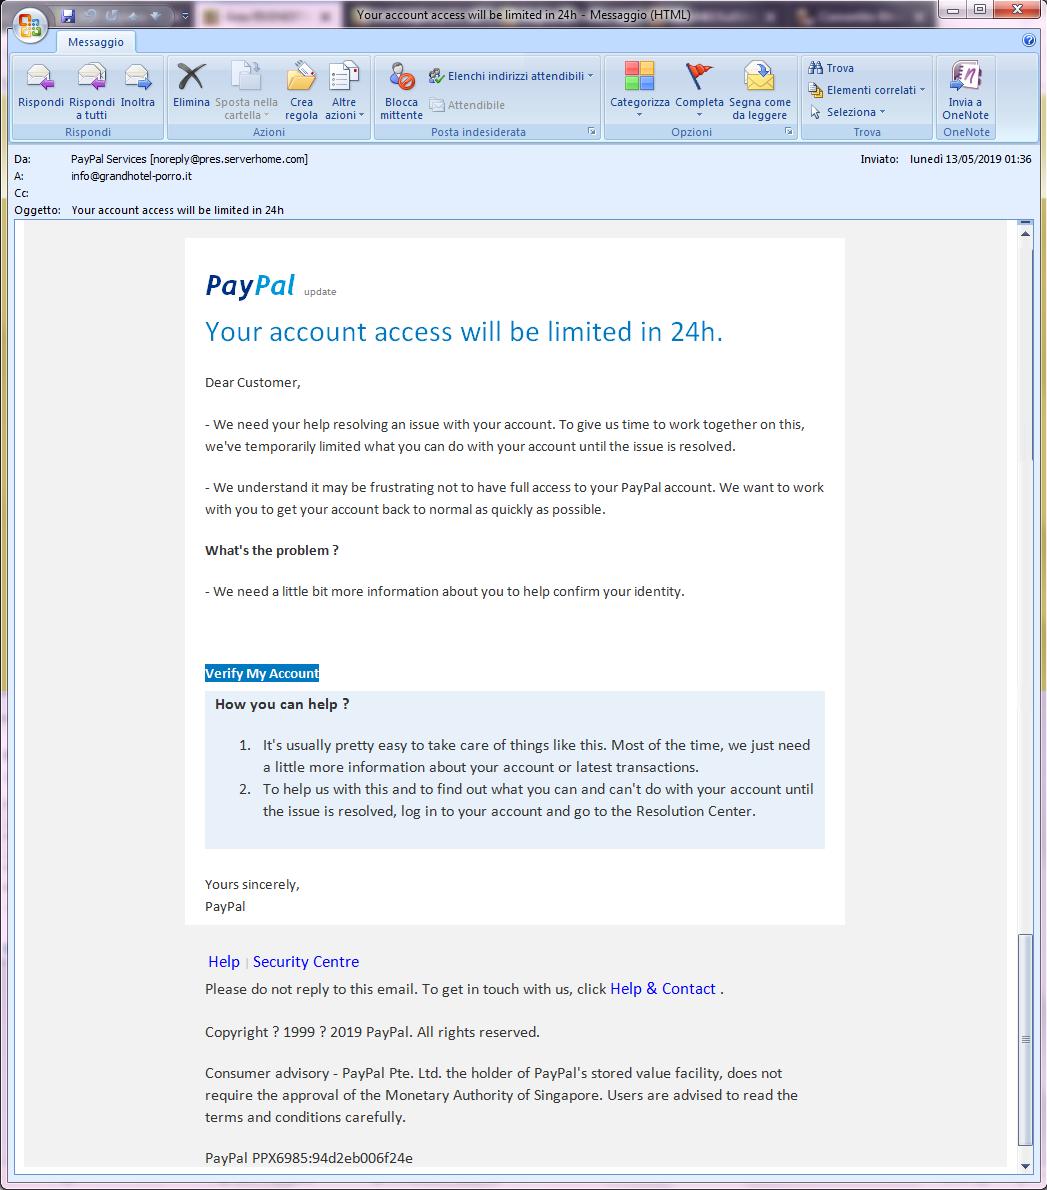 Clicca per ingrandire l'immagine della falsa e-mail di PayPal, che cerca di rubare le credenziali di accesso all'account.